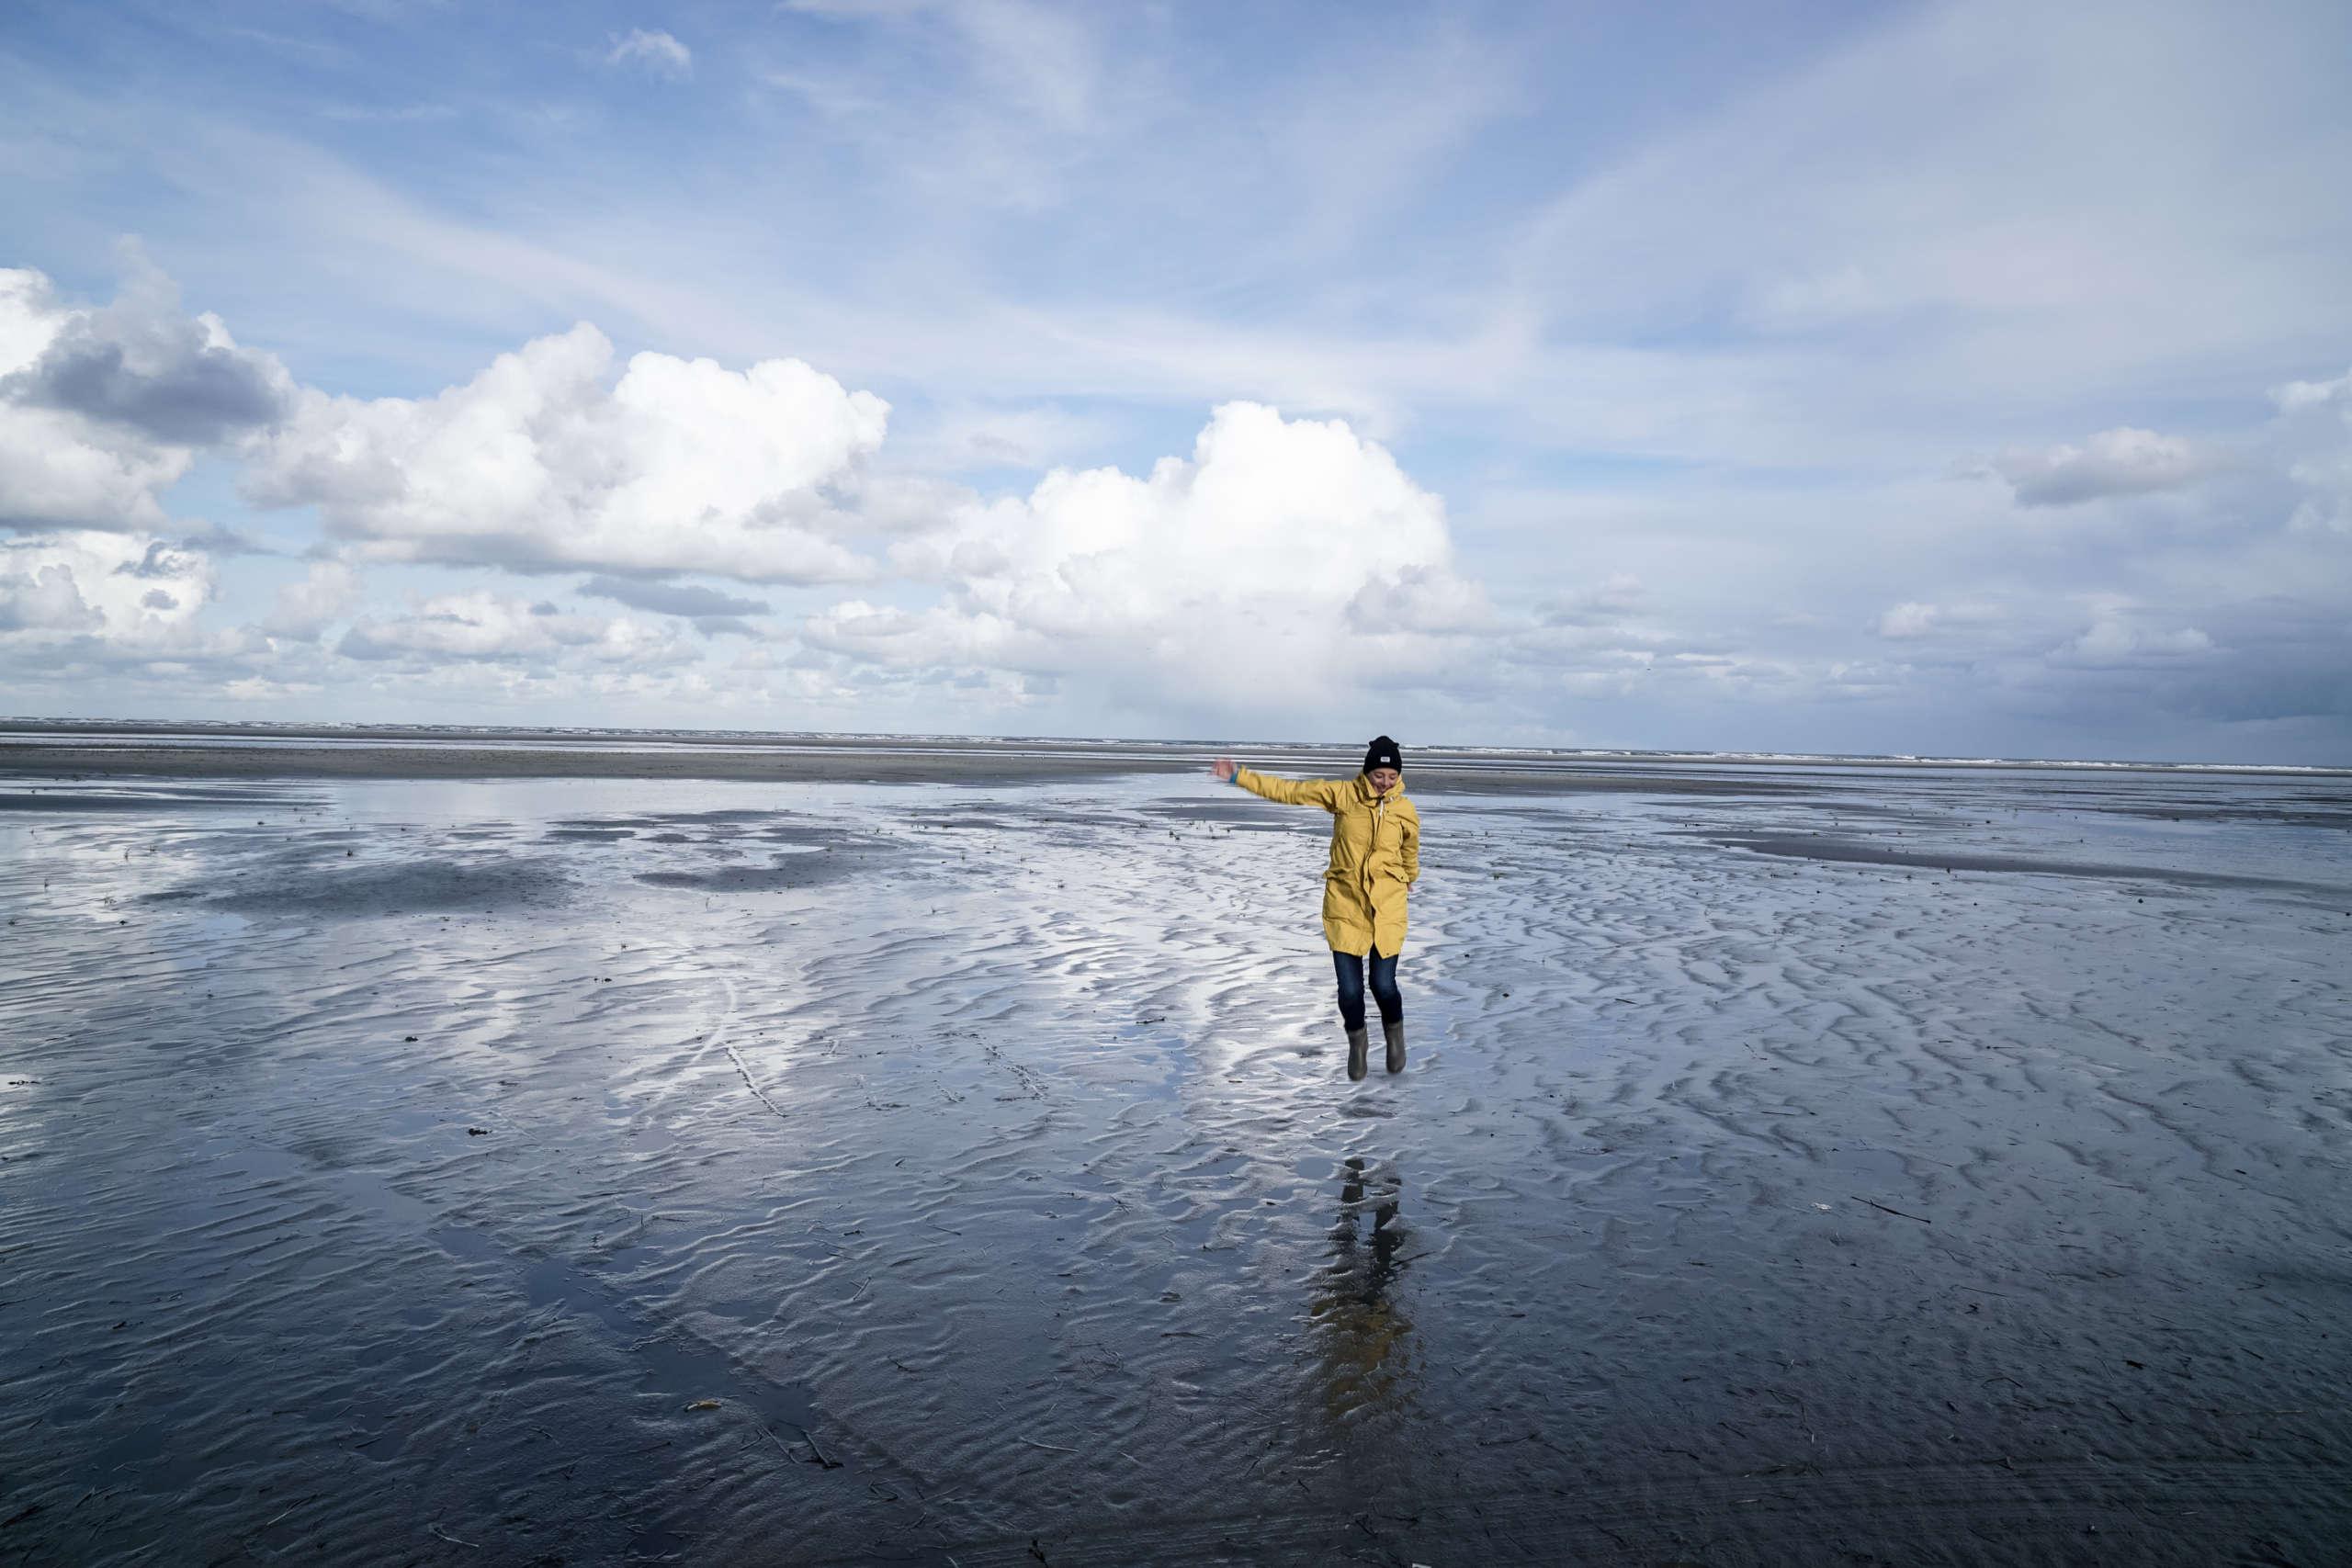 Eine Frau im gelben Regenmantel steht bei Ebbe auf dem Wasser auf der Insel Ammeland in den Niederlanden und streckt den Arm heraus